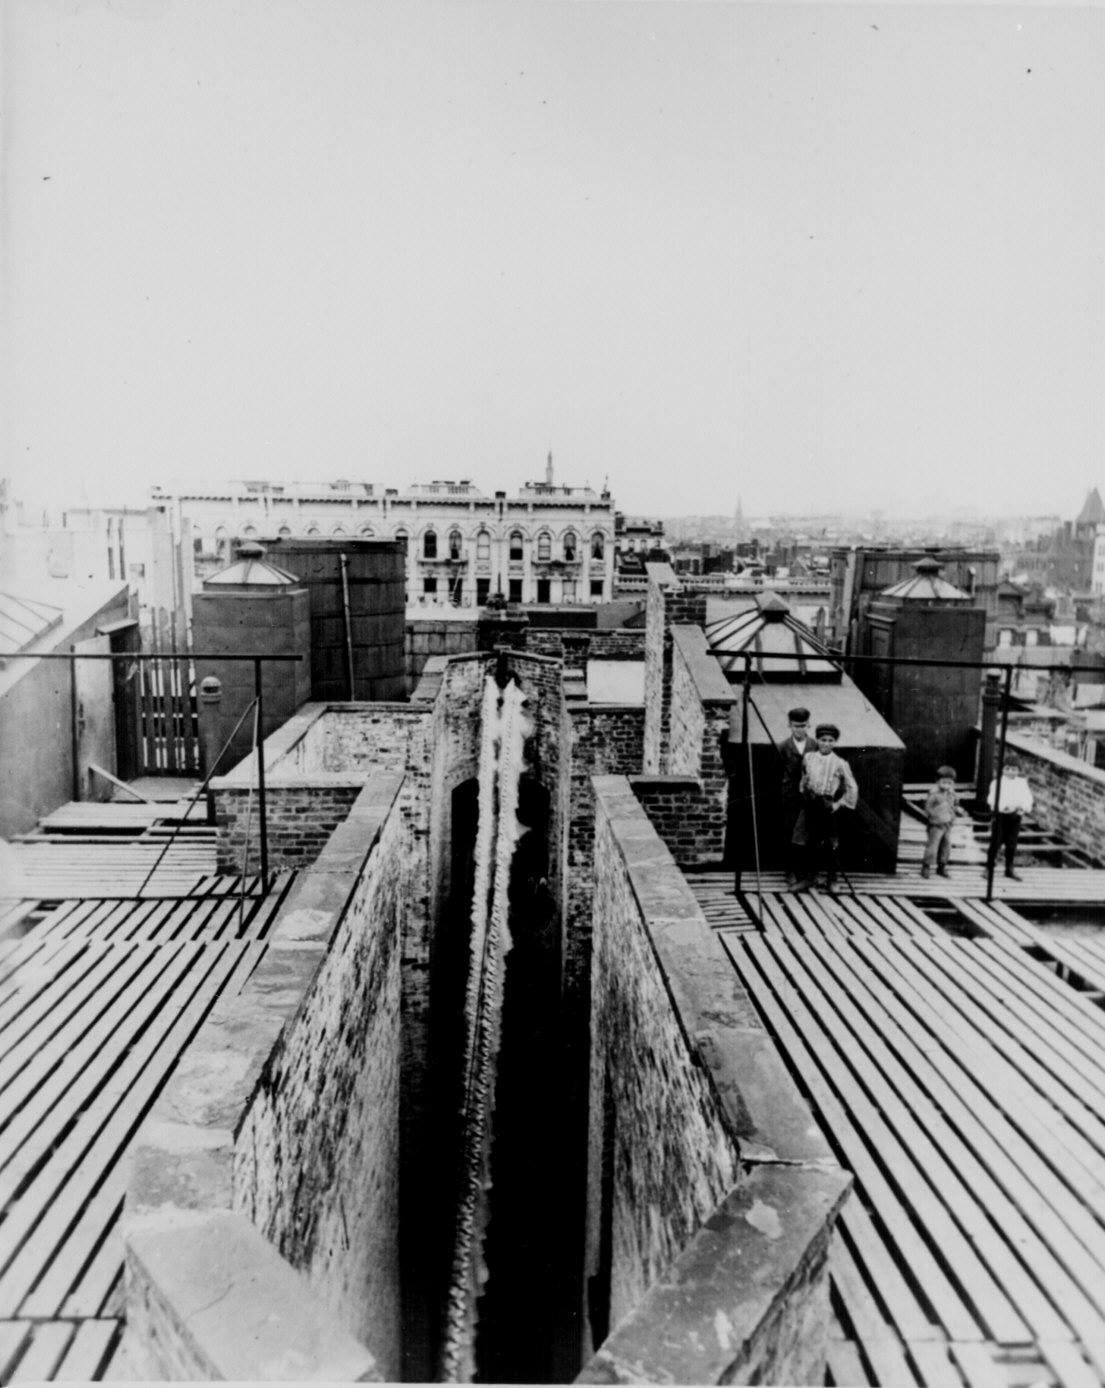 Mstartzman Dumbbell Tenement 7